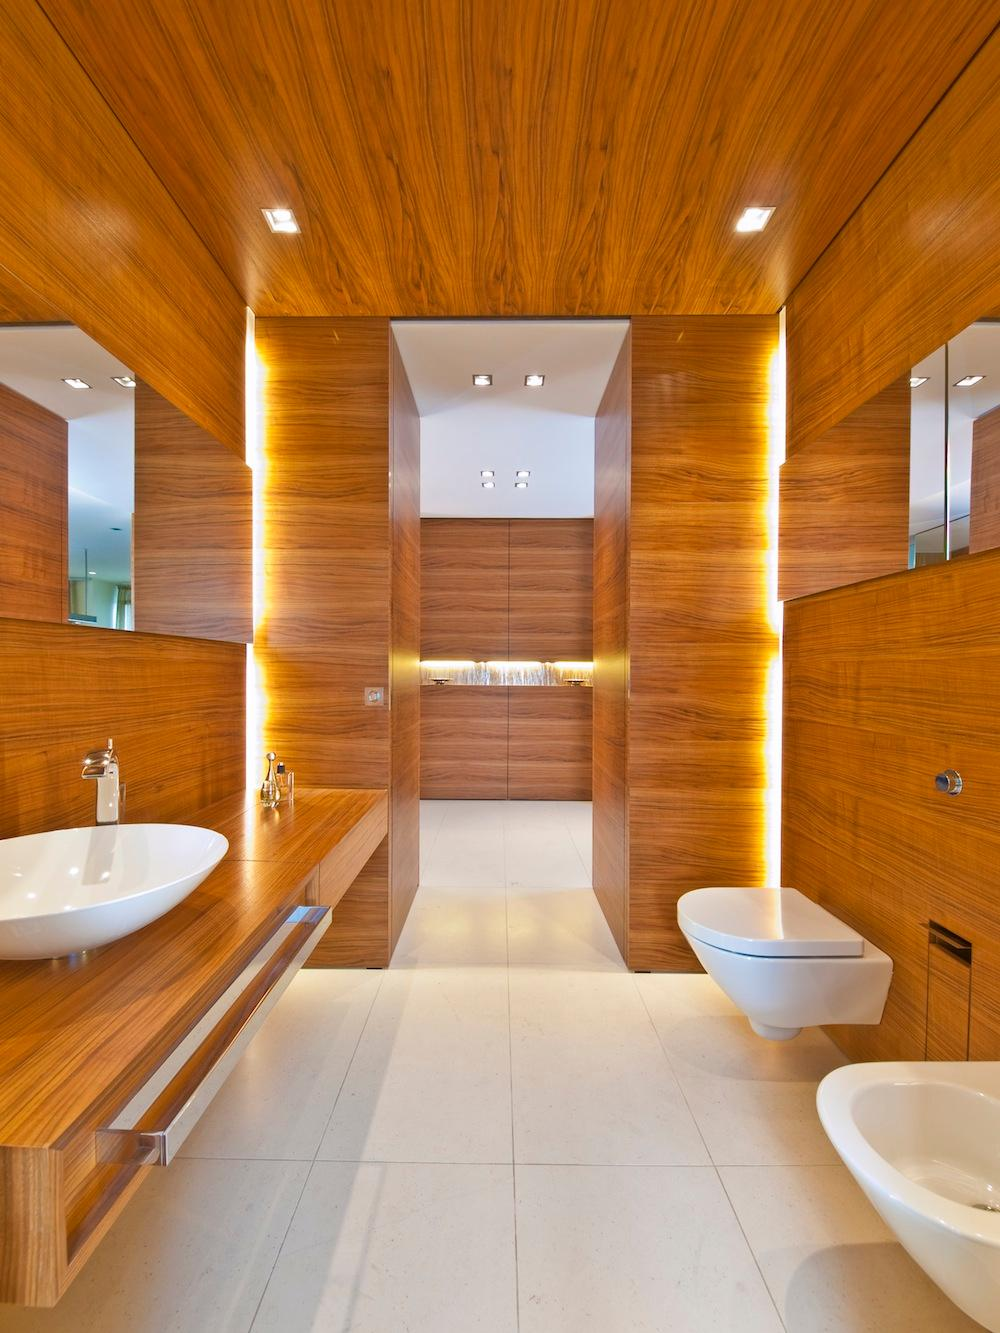 Badezimmer Holz • Bilder & Ideen • Couchstyle